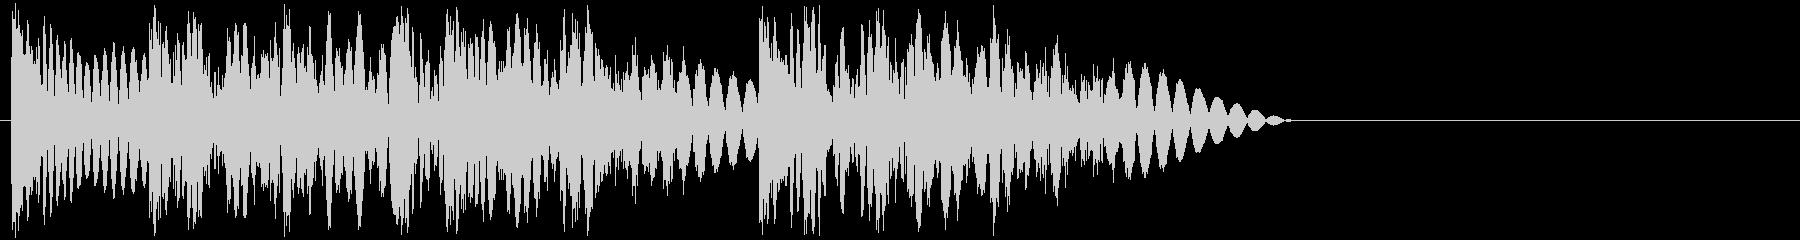 ドドッドン(攻撃・打撃・3連続パンチ)の未再生の波形